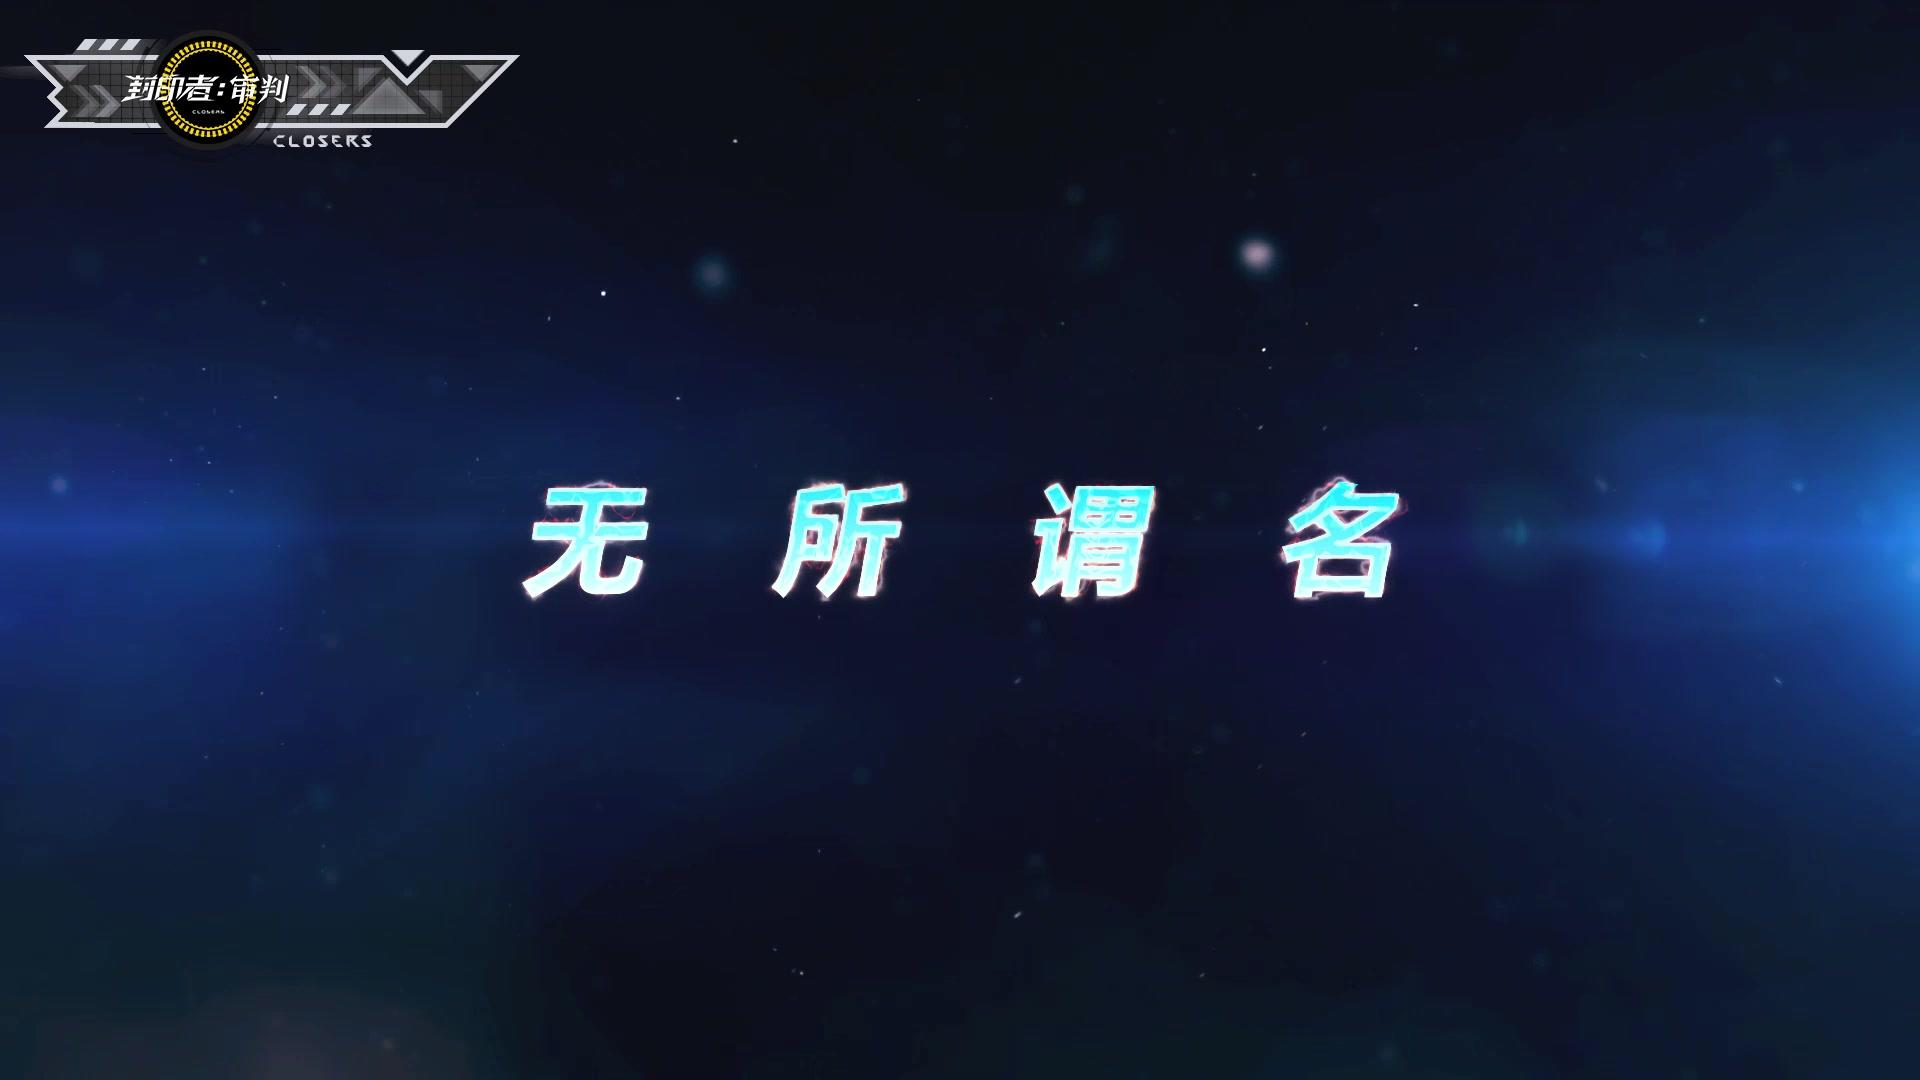 《封印者》第四小队新特工哲秀正式上线!